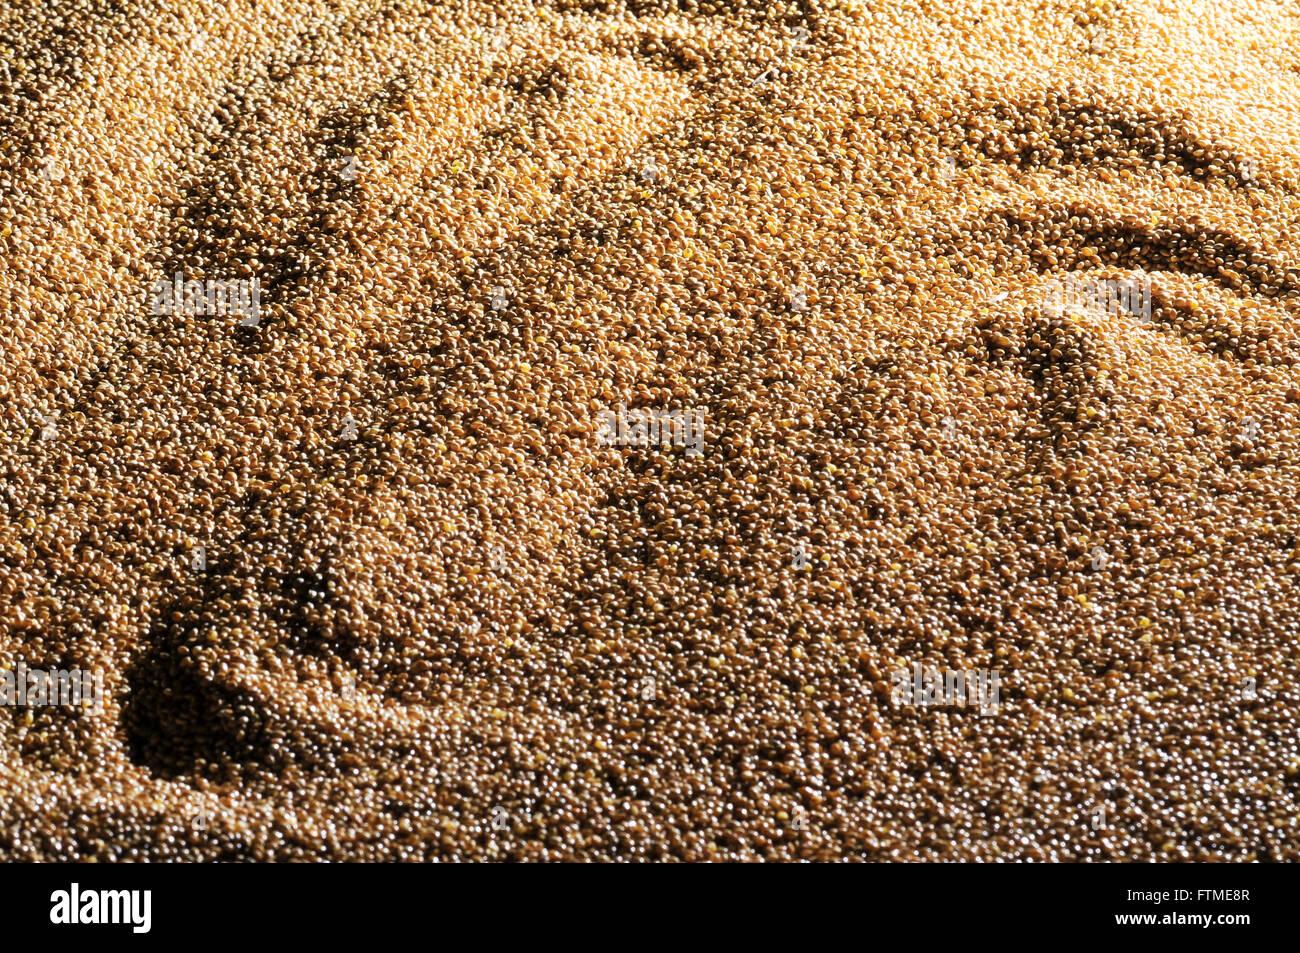 Détail des grains de mil Photo Stock